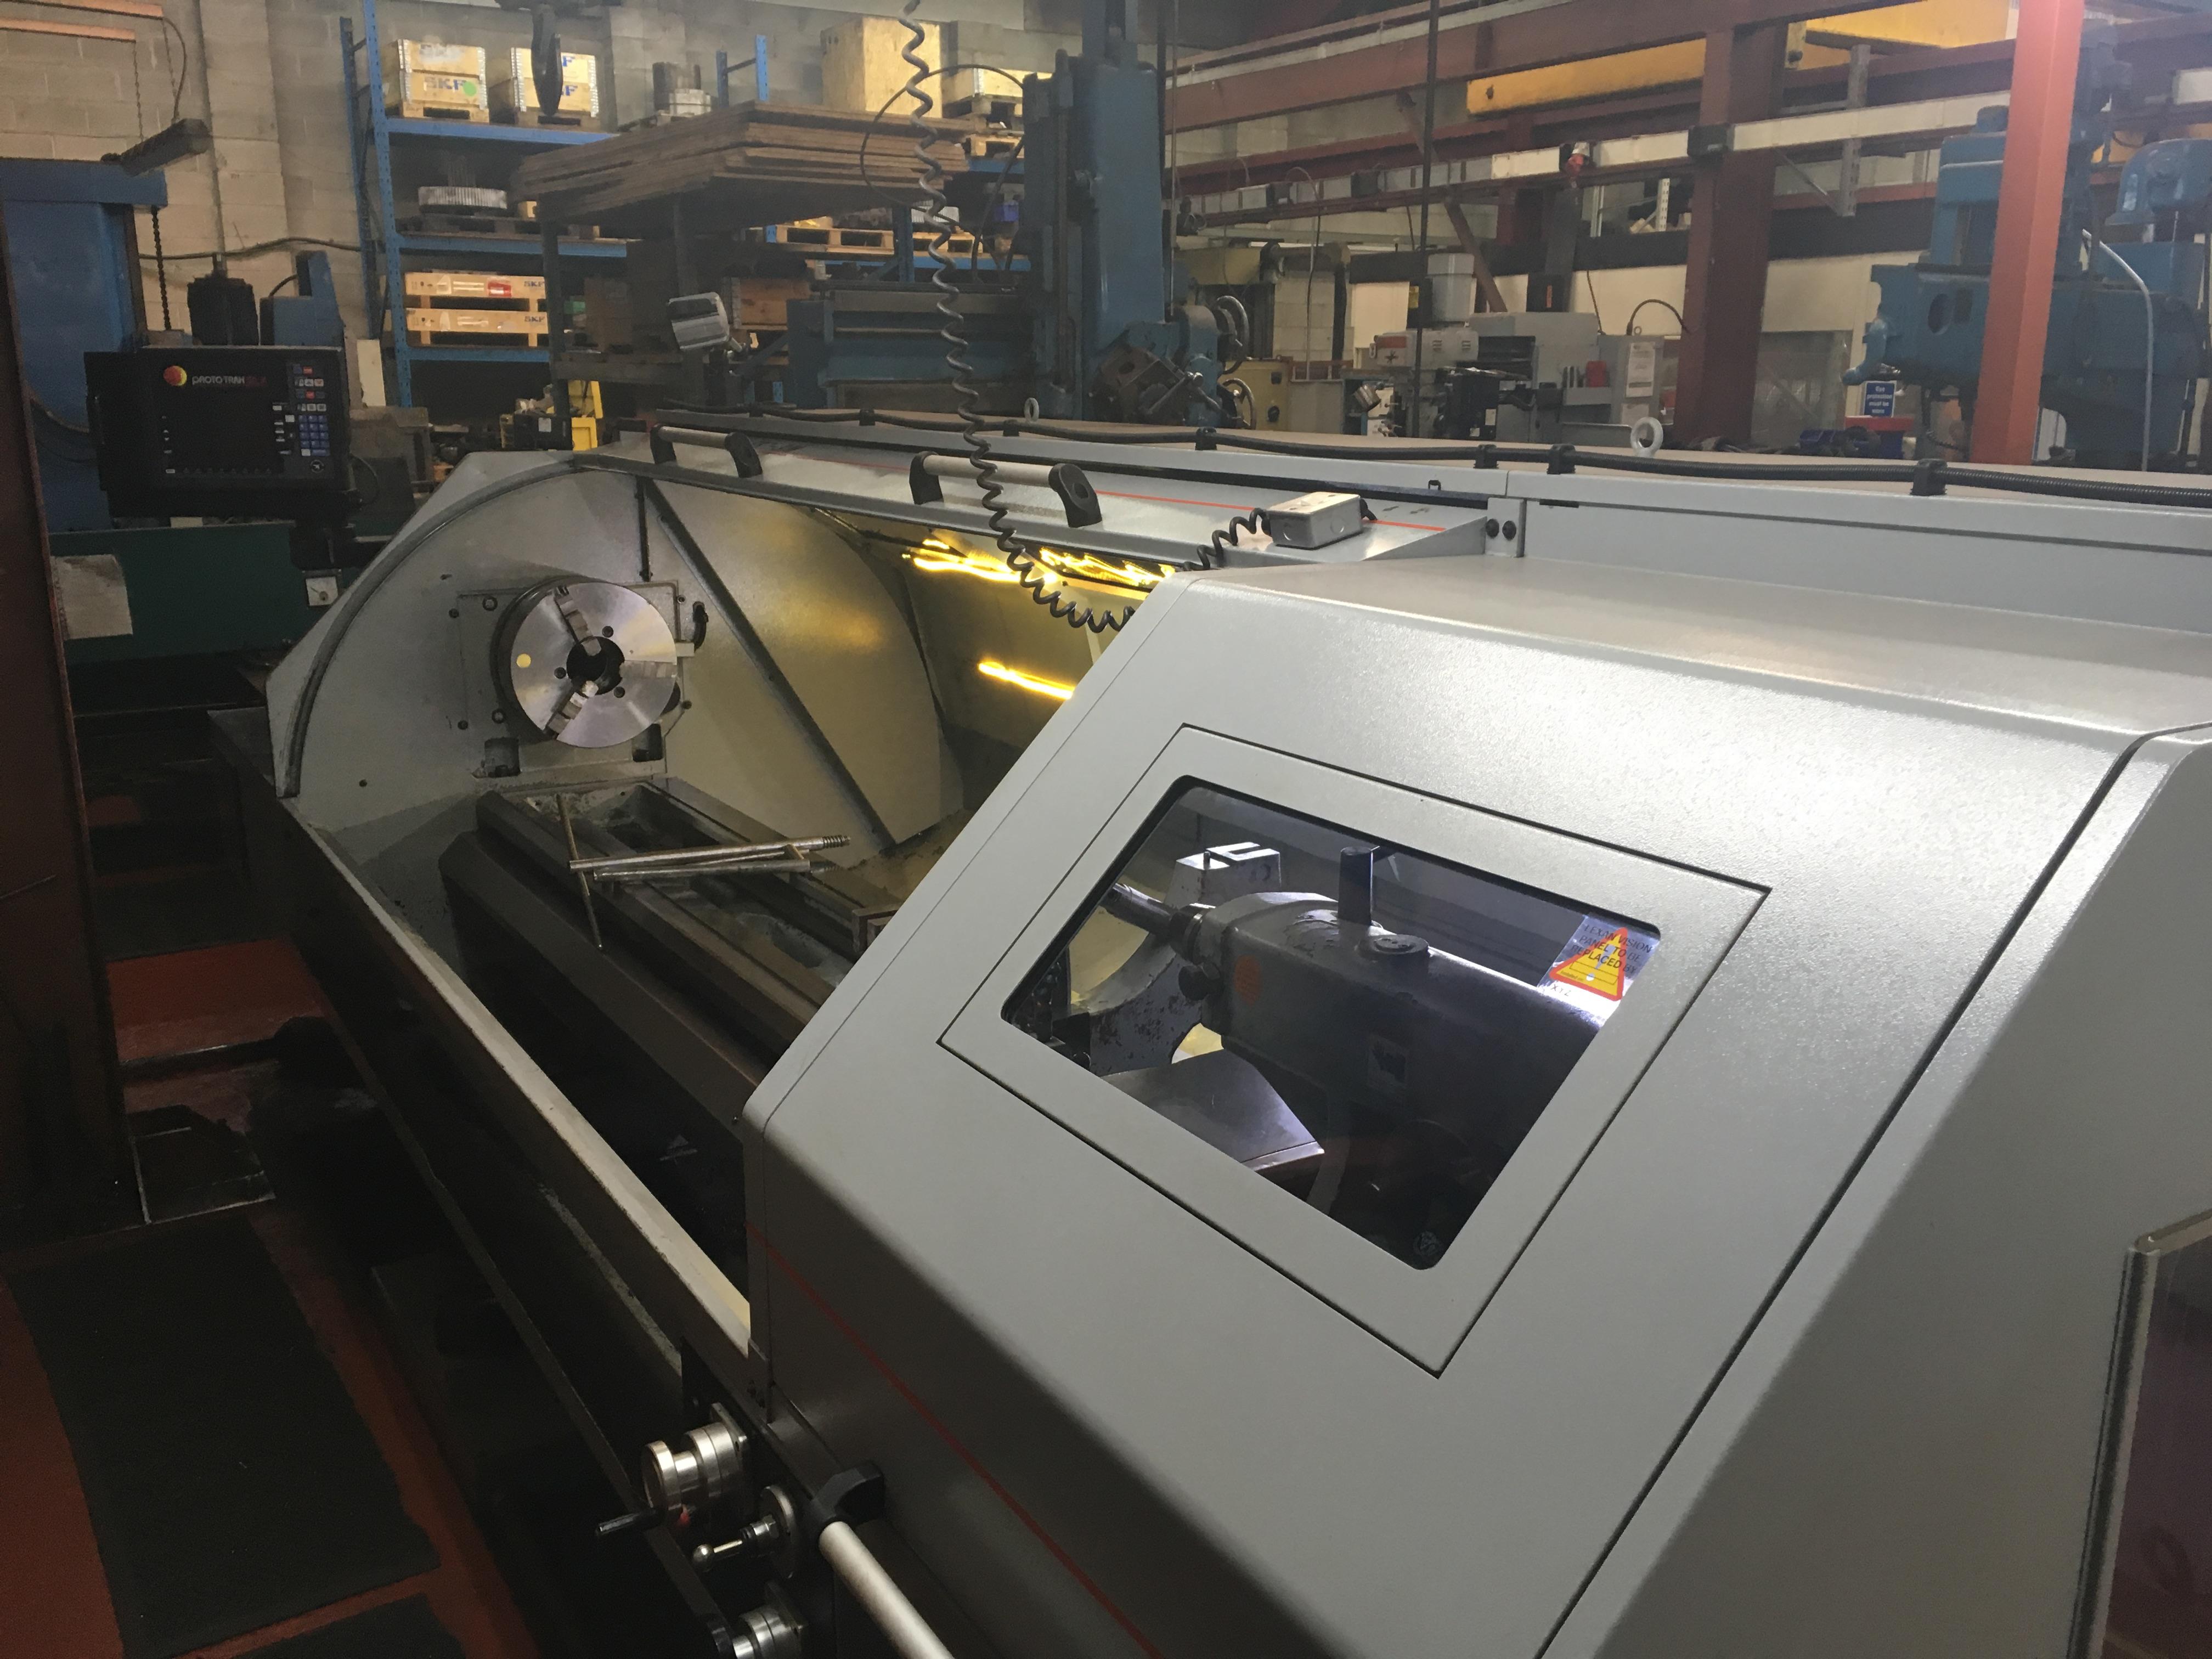 SN 1141 XYZ SLX 555 x 3000mm (1) - GD Machinery : GD Machinery